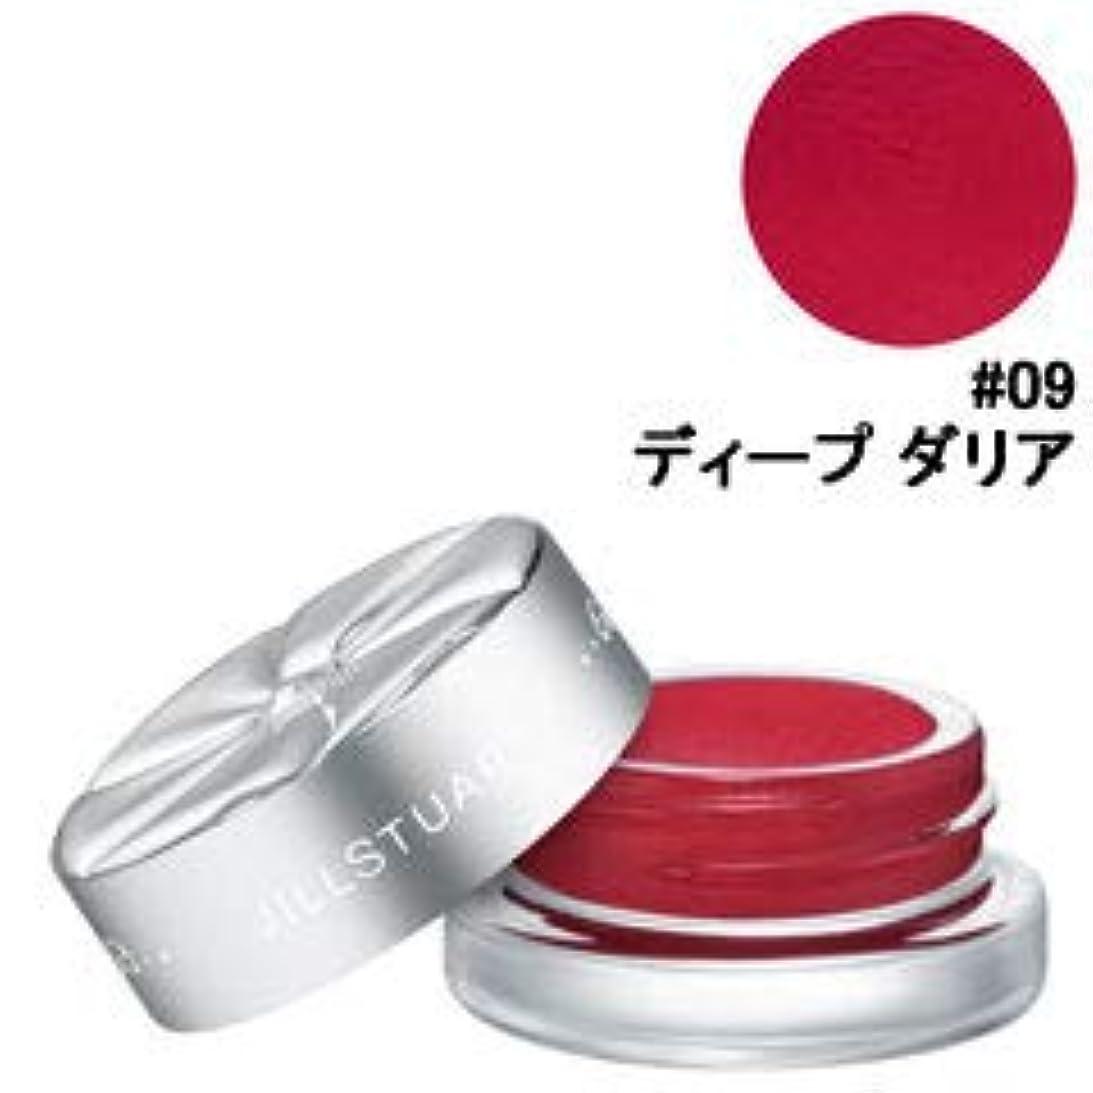 提供された女優心理的【ジルスチュアート】チーク&アイブロッサム #09 ディープ ダリア 4g